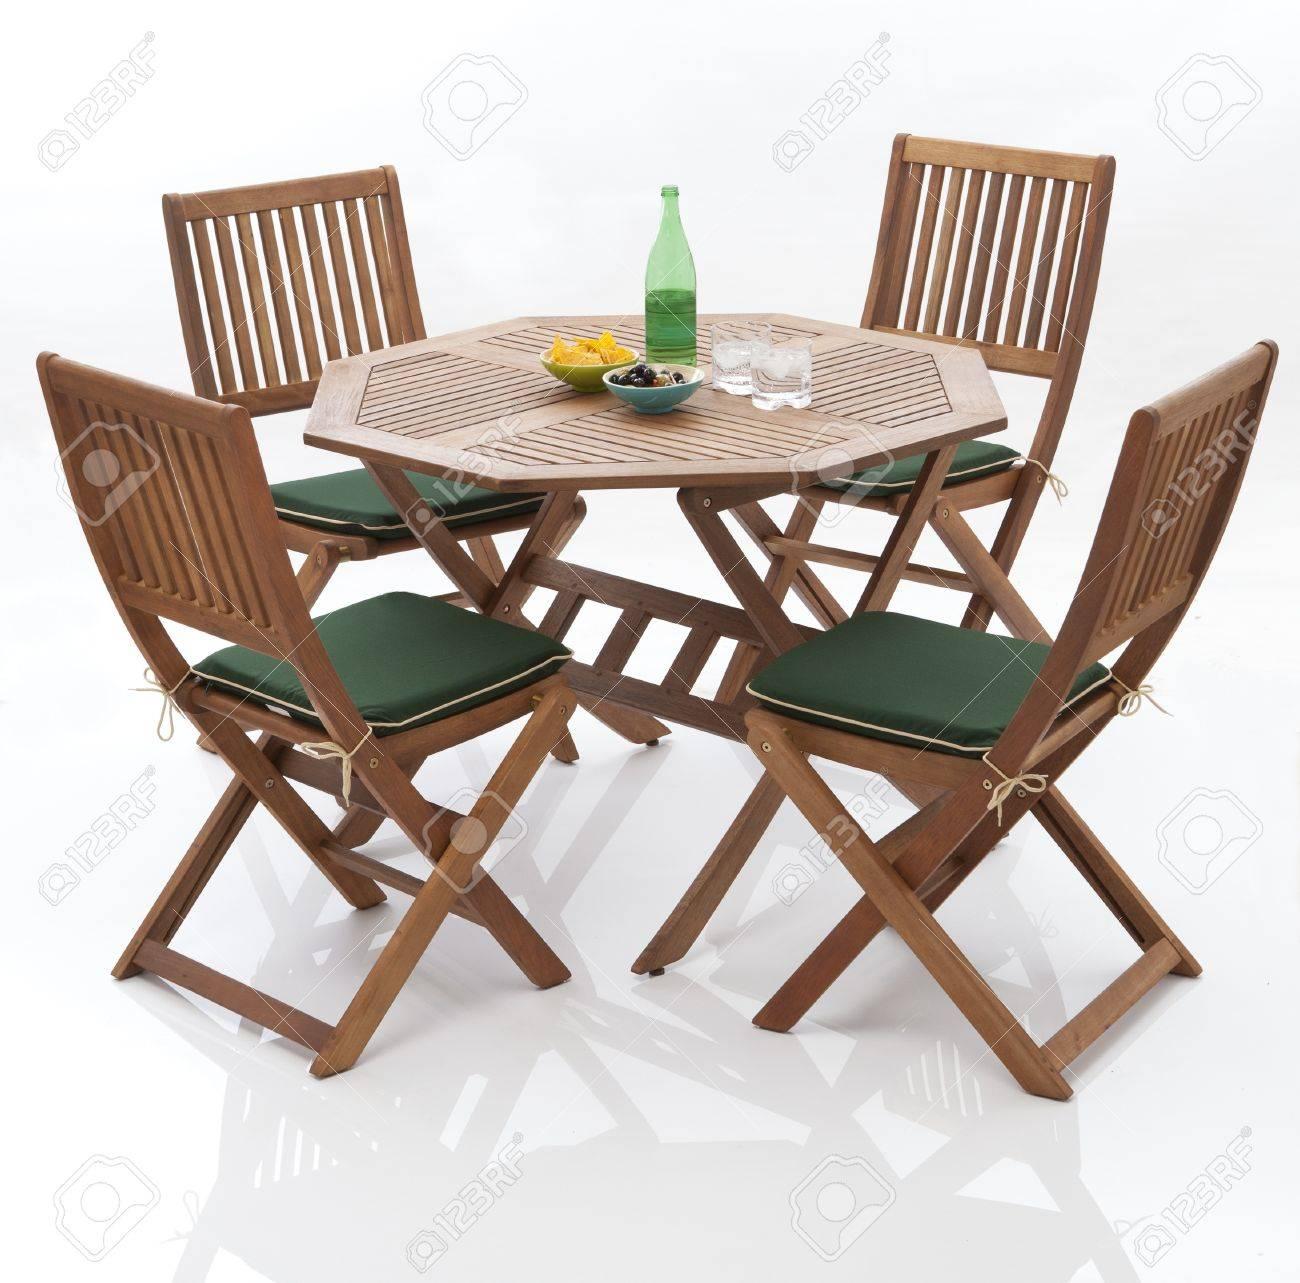 Gartentisch Stuhle 17 Gartentisch Mit 6 Stuhlen Frisch Lqaff